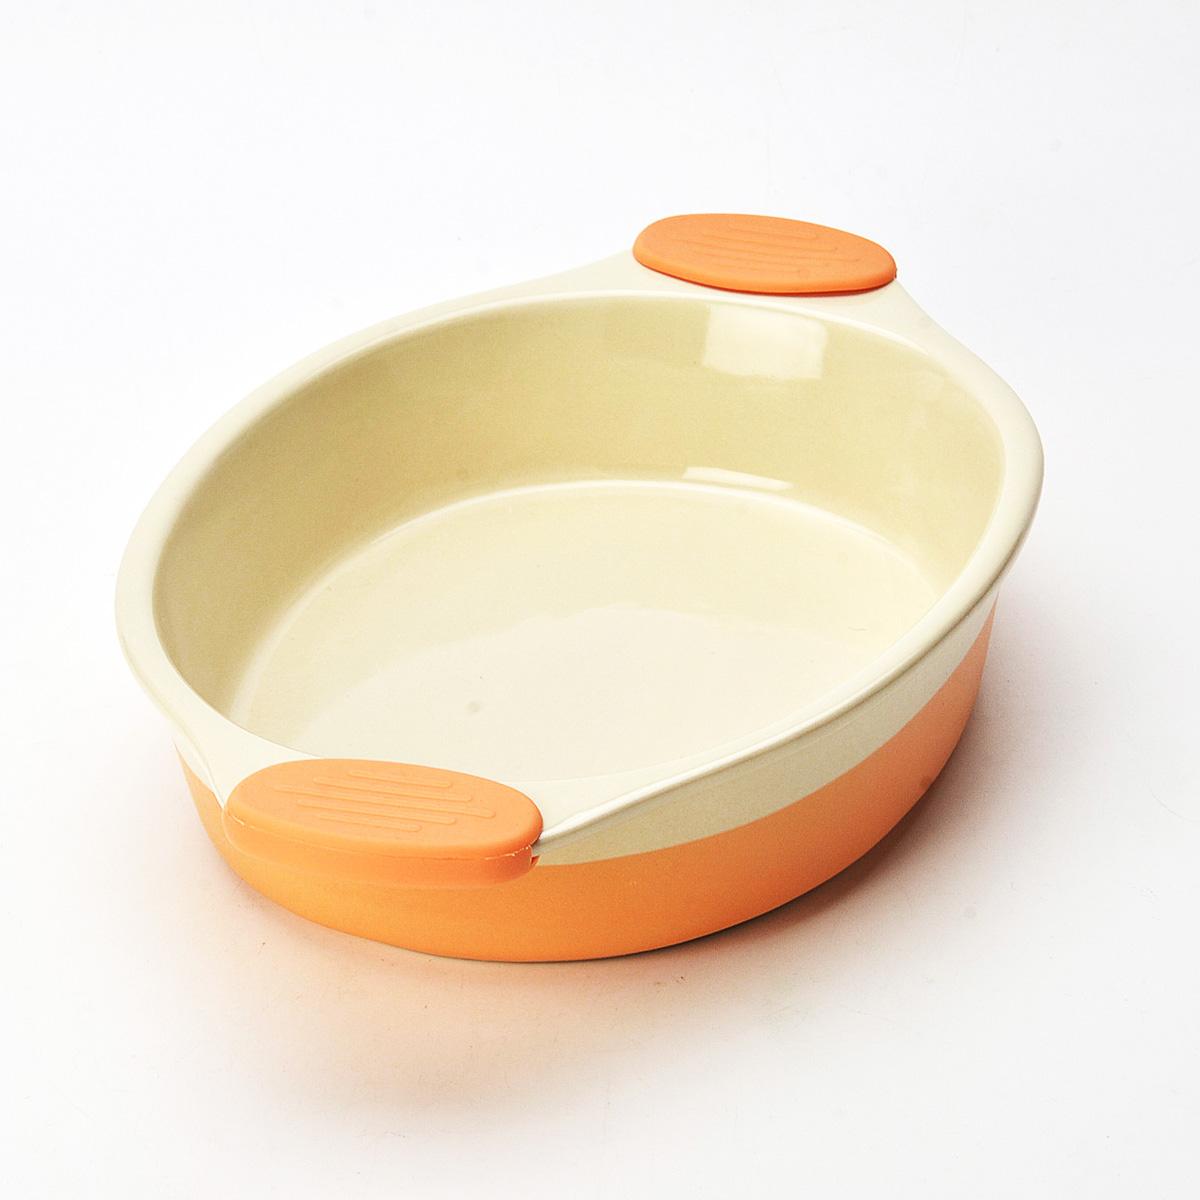 Форма для выпечки Mayer & Boch, овальная, цвет: оранжевый, 37 см х 24 см х 7 см54 009312Овальная форма для выпечки Mayer & Boch изготовлена из керамики с внутренним и внешним покрытием цветной глазурью. Керамическая посуда считается не только изысканной, но еще и полезной. Керамика не содержит вредных примесей ПФОК, что способствует здоровому и экологичному приготовлению пищи. Форма идеально подходит для приготовления пирогов, запеканок и других блюд, поскольку тепло распределяется равномерно. Изделие дополняют термостойкие ручки из силикона, которые позволяют не использовать прихватки. Подходит для использования в духовом шкафу. Не подходит для СВЧ-печей. Рекомендуется ручная чистка.Наслаждайтесь приготовлением пищи в вашей формой для выпечки. Высота стенки: 6,5 см. Толщина стенки: 6-7 мм. Толщина дна: 6-7 мм. Размер формы (с учетом ручек): 37 см х 24 см х 7 см. Размер формы (без учета ручек): 27 см х 20,5 см х 6,2 см.